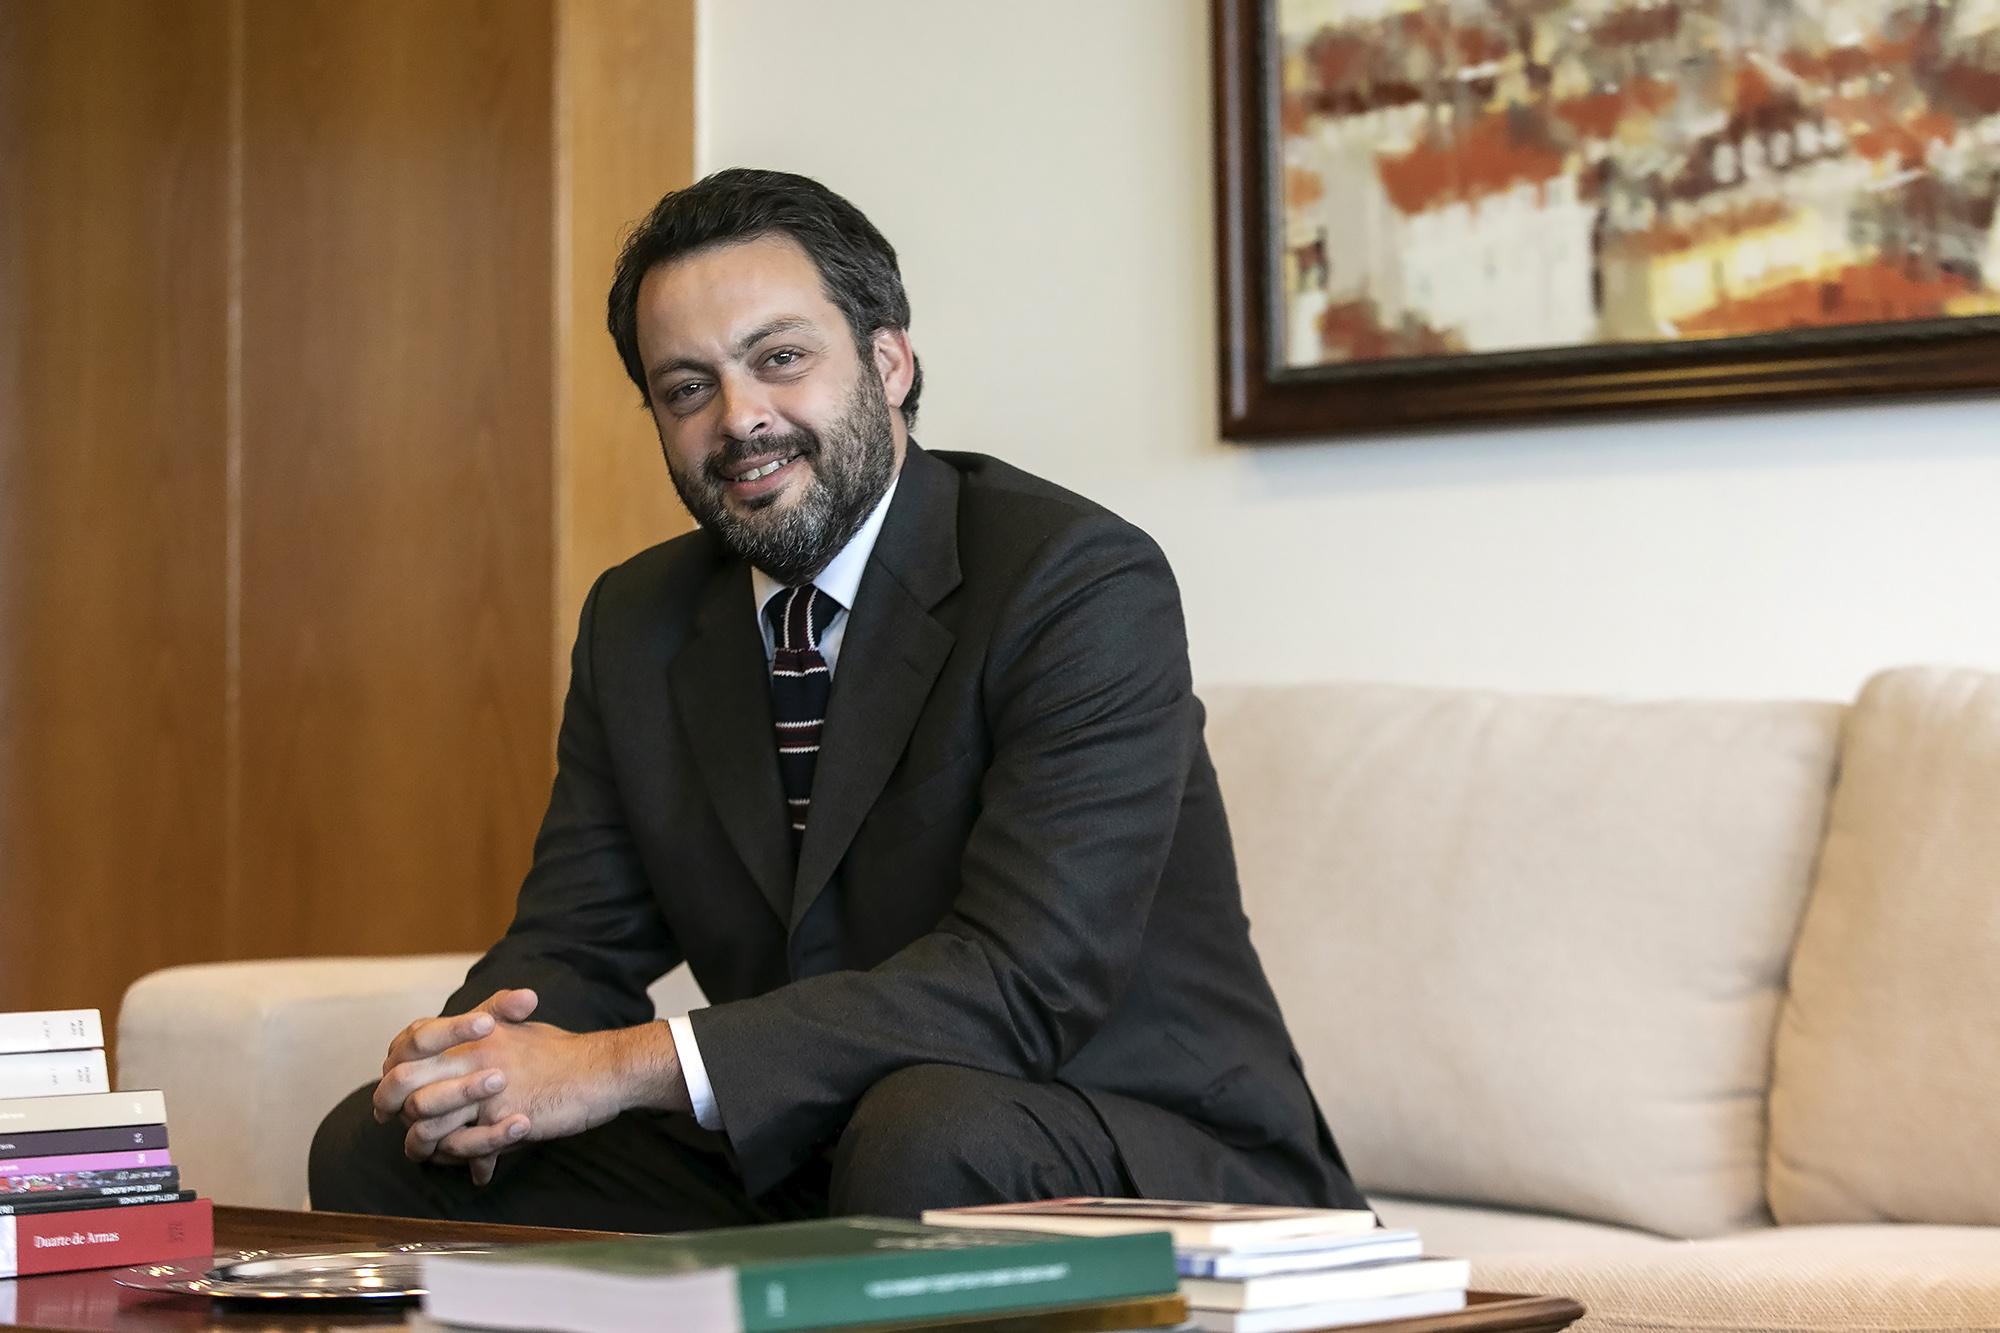 Miguel Cabrita, Secretário de Estado do Emprego, em entrevista ao ECO/PESSOAS - 07MAR19